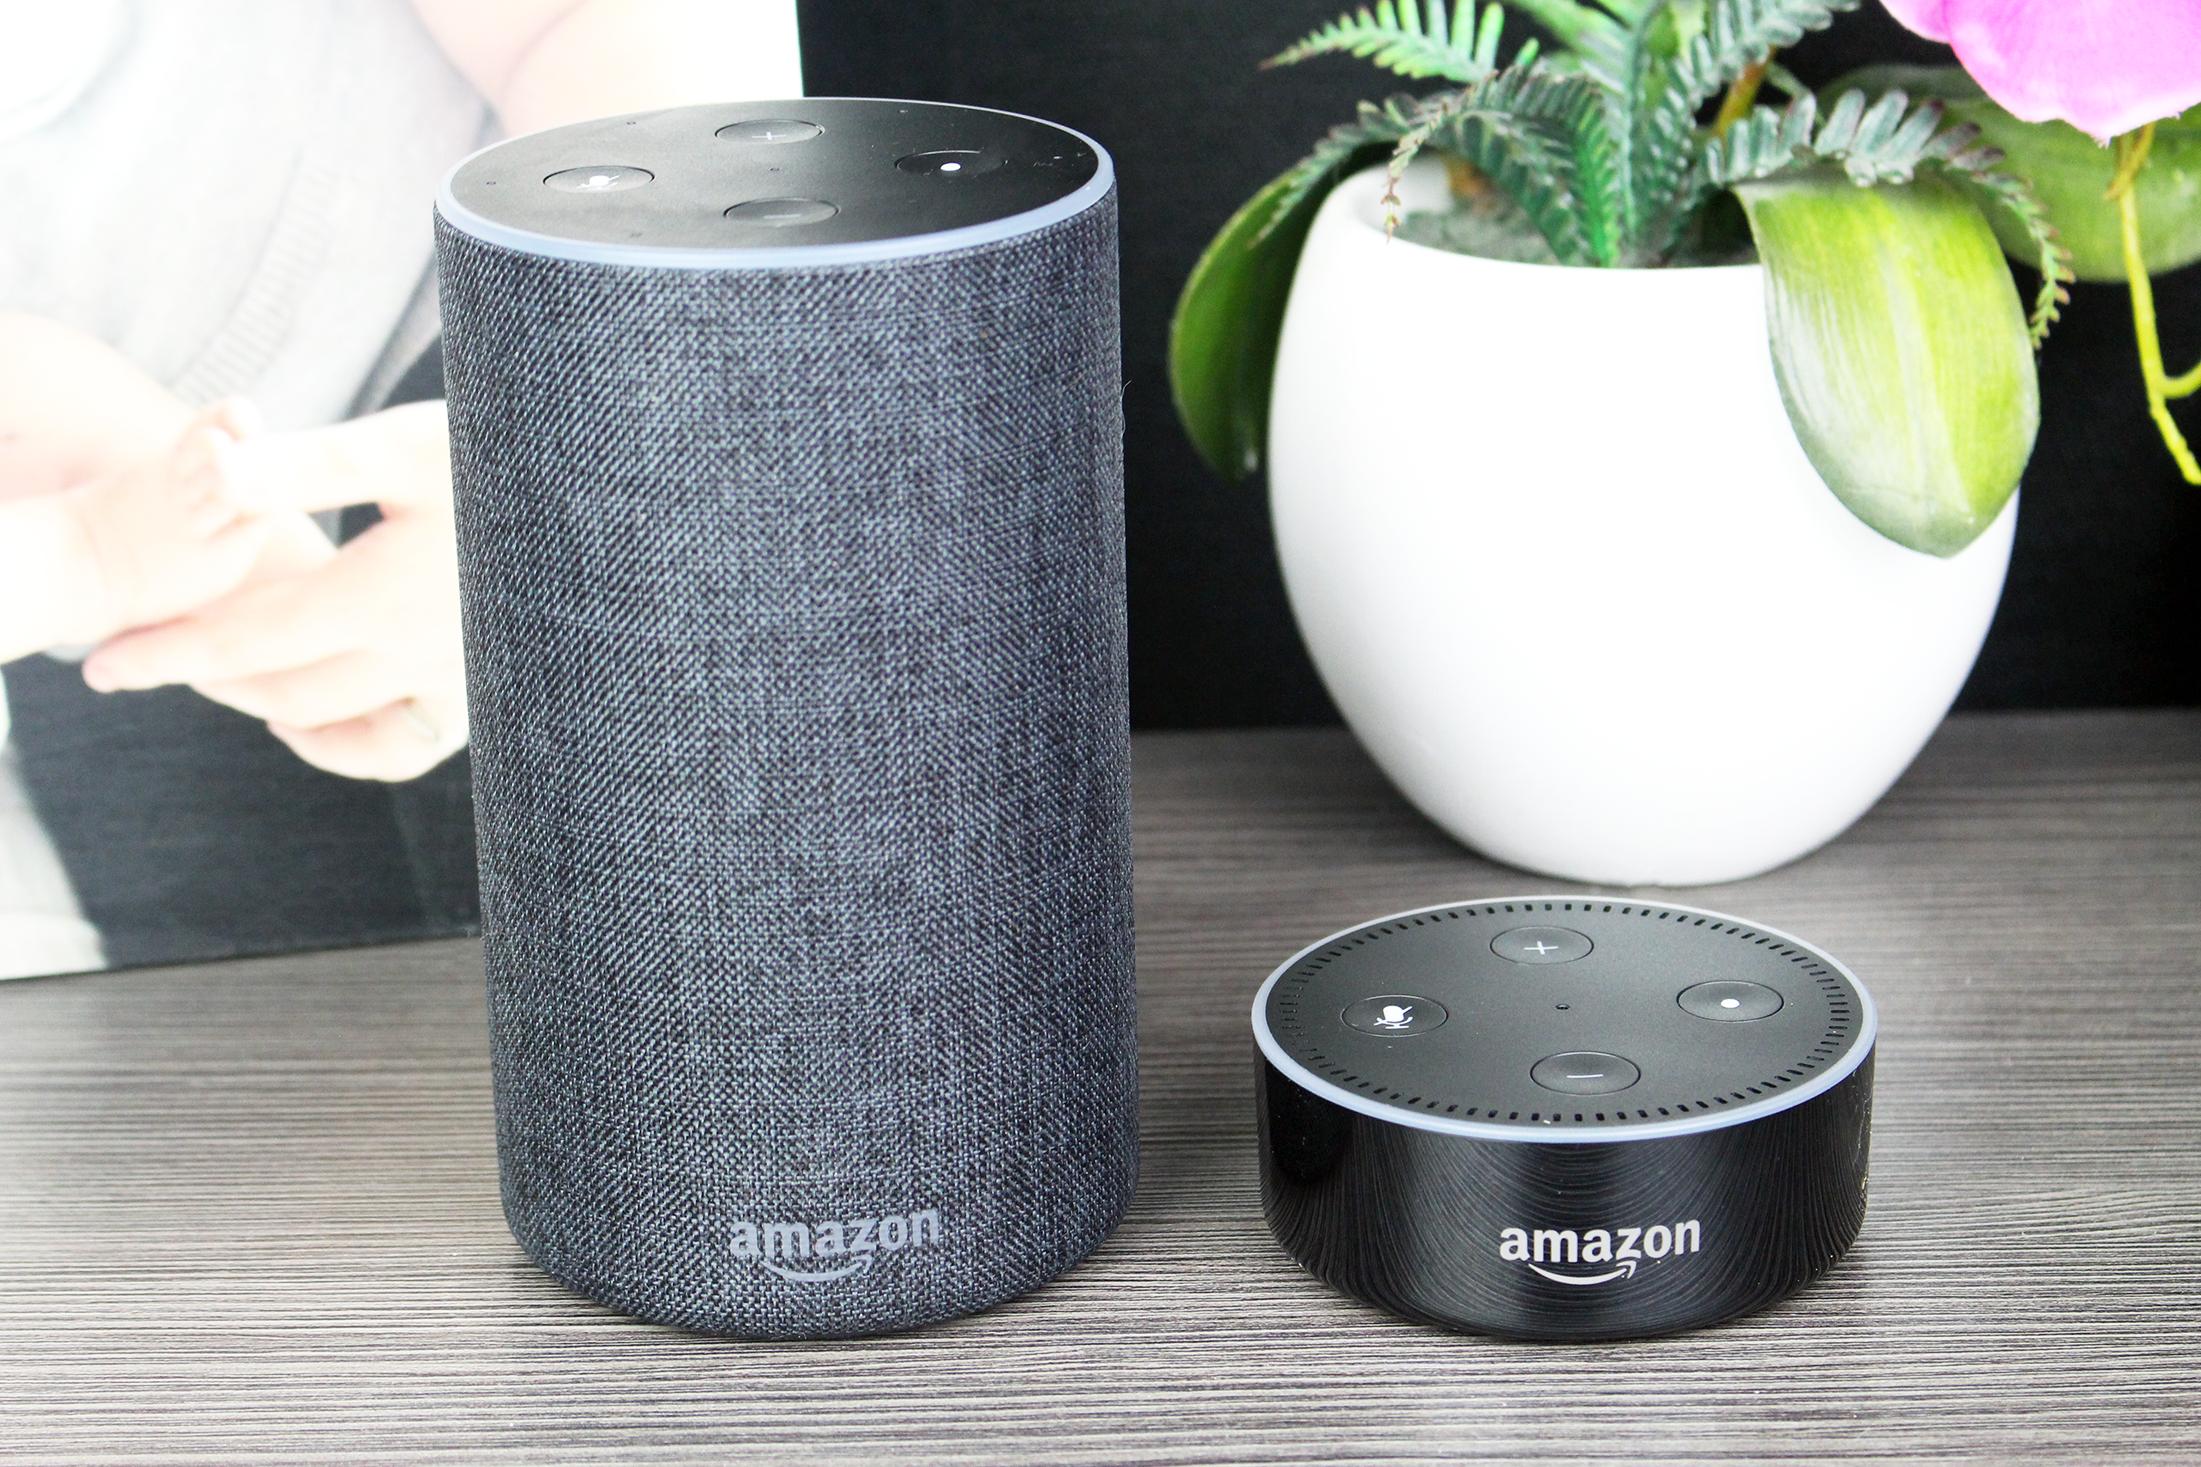 Back-to-School Prep With Alexa, Amazon Echo and Echo Dot